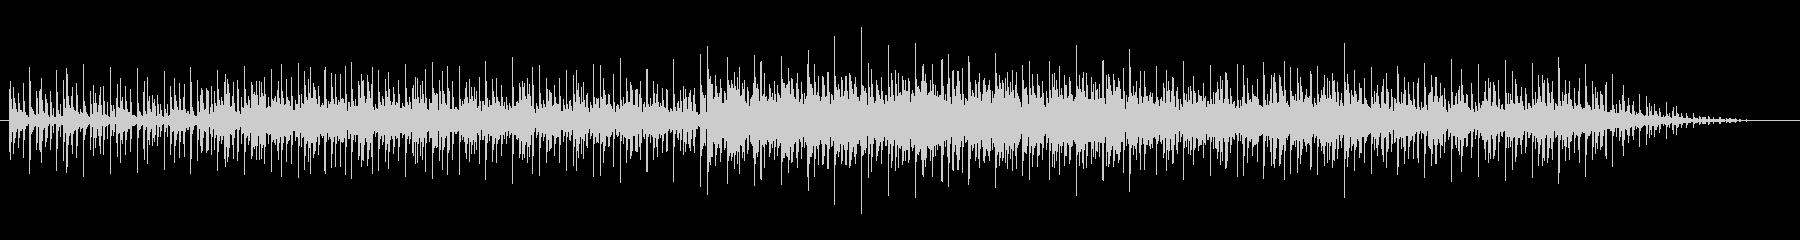 雄大なピアノ・サウンドの未再生の波形